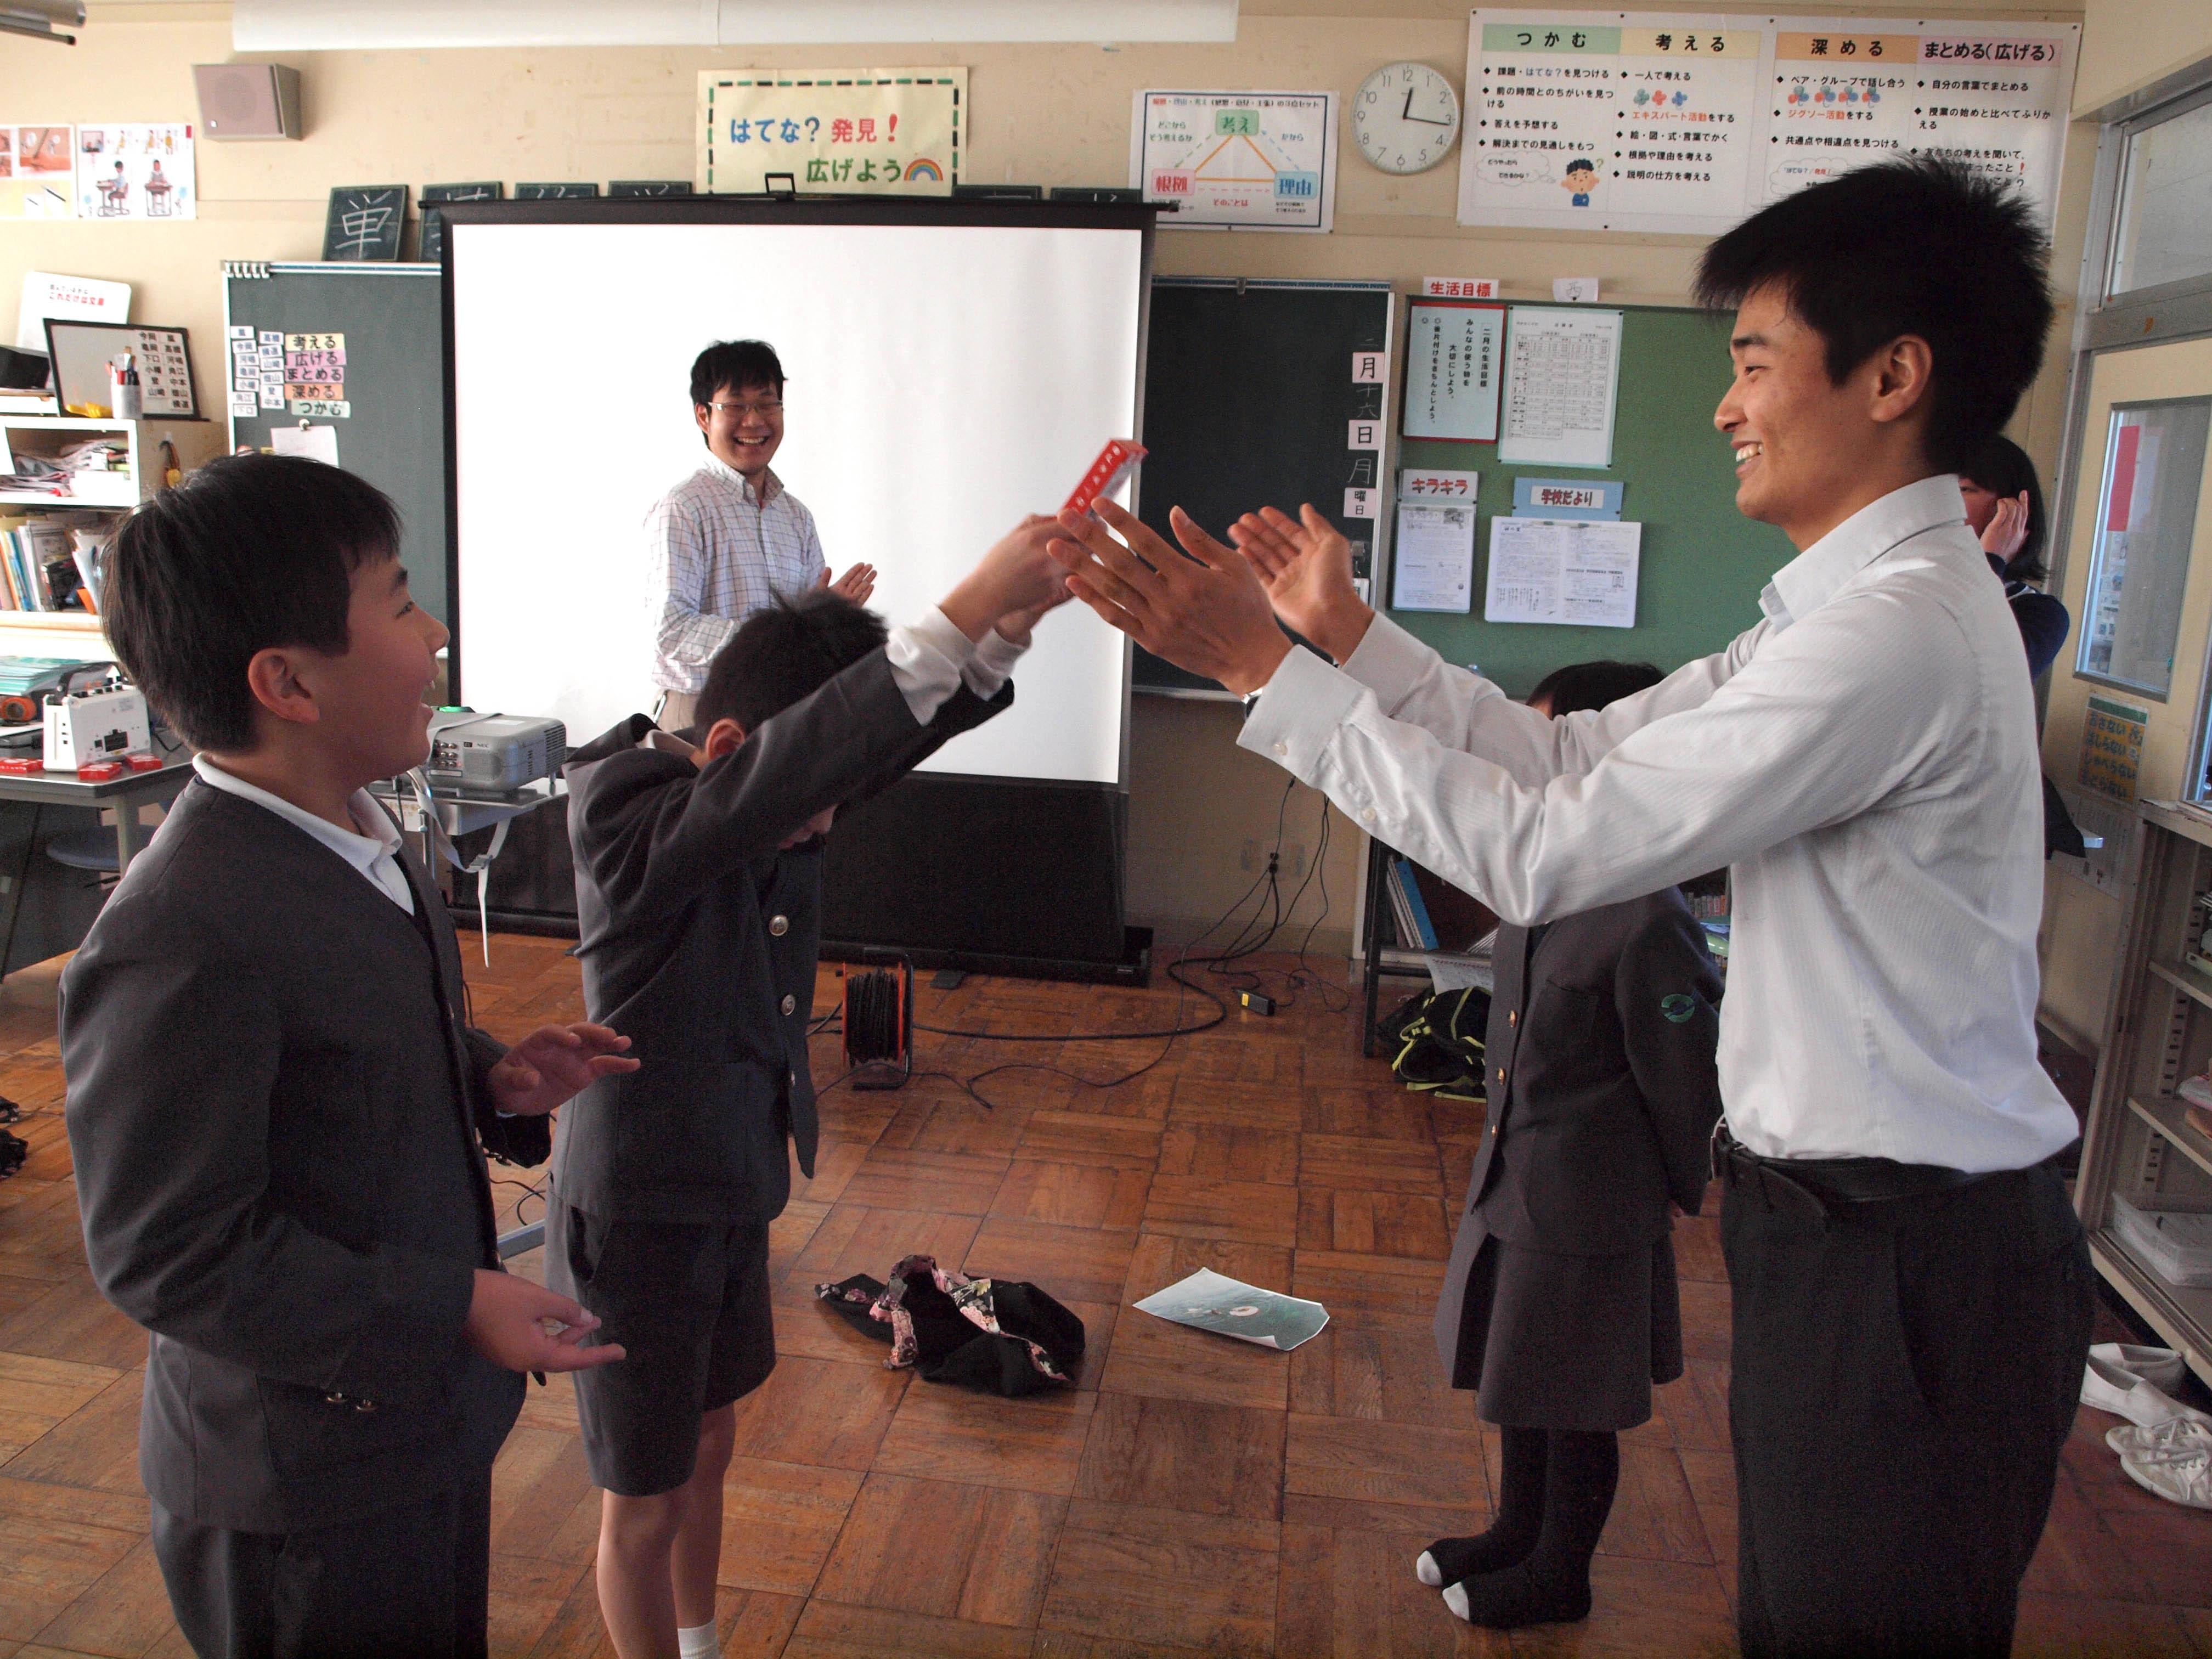 石川トランプを、優勝した藩の代表者に贈呈